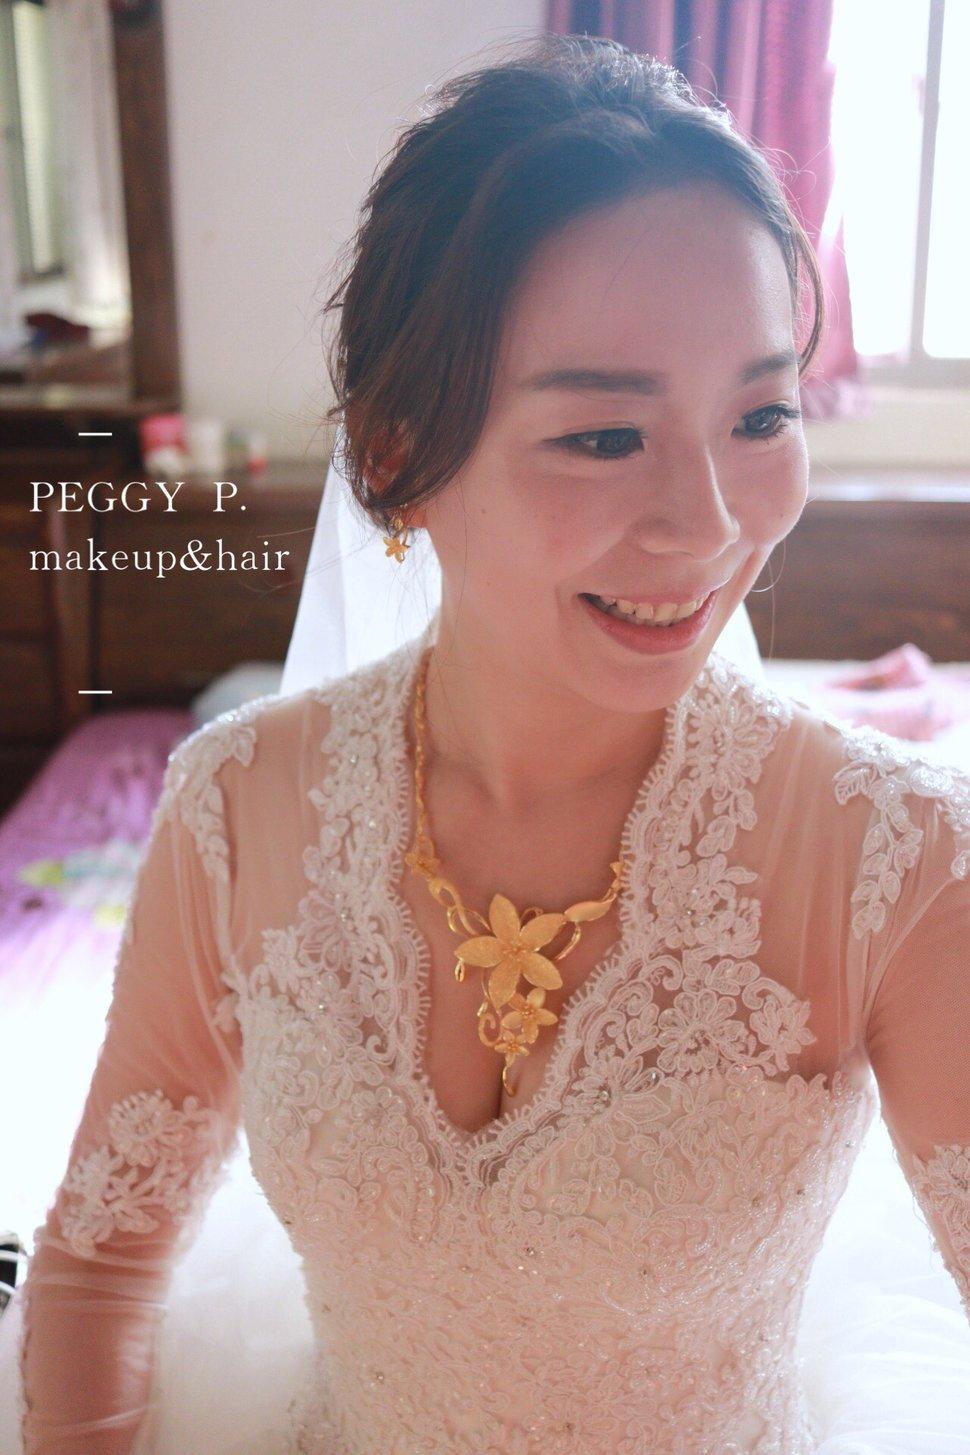 IMG_1046 - 新竹/台北/桃園新秘Peggy Pai - 結婚吧